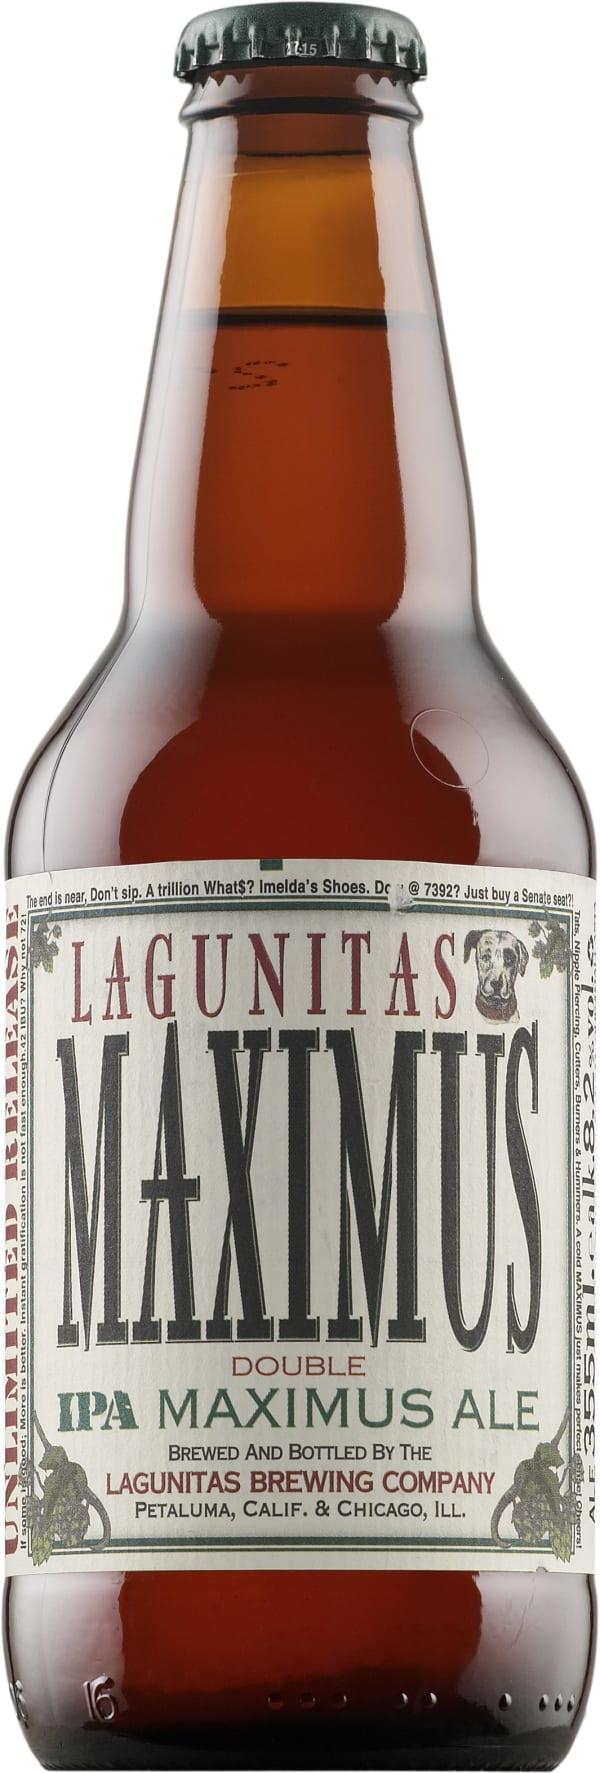 Lagunitas Maximus Double IPA